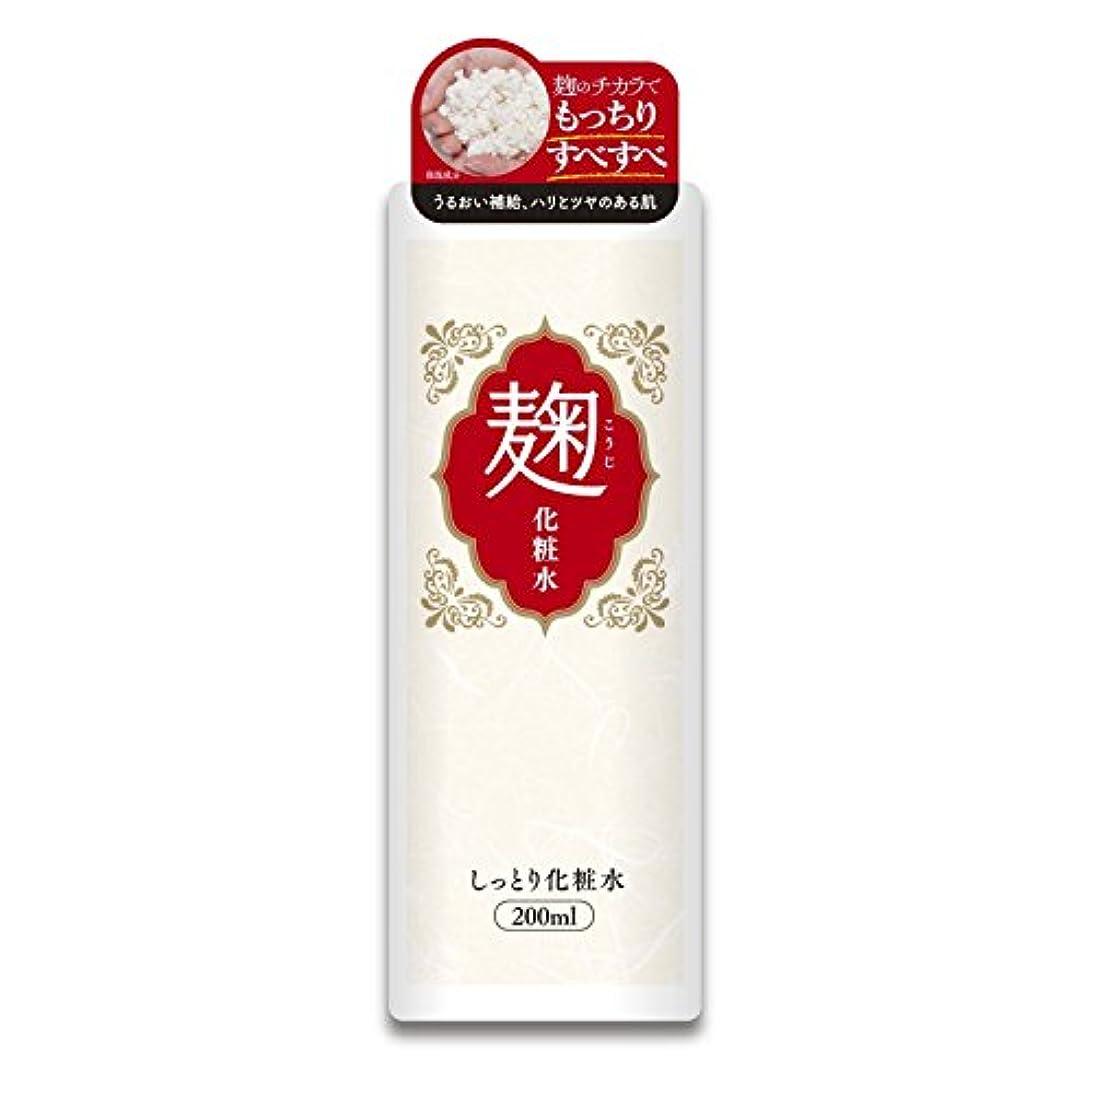 戻す大人強制的ユゼ 麹配合美肌しっとり化粧水 200mL